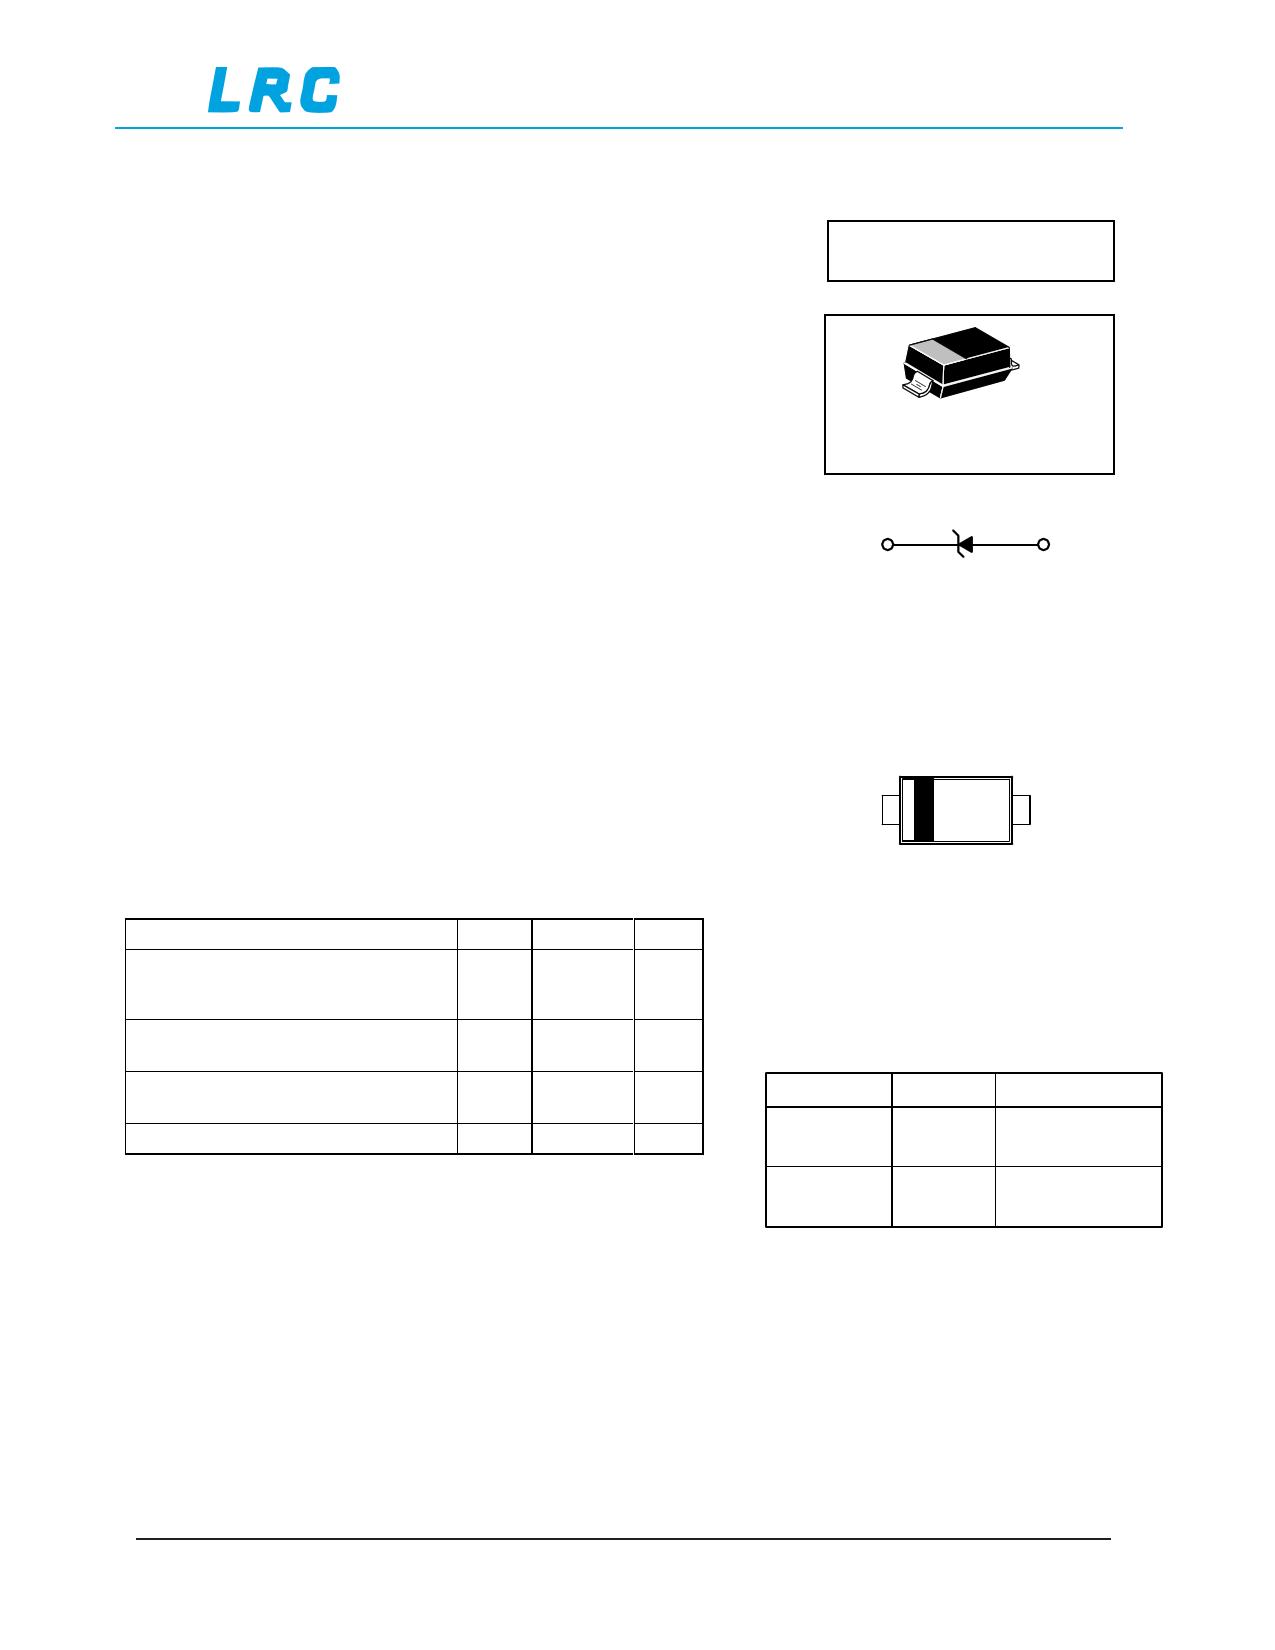 LMSZ4700T1G datasheet, circuit